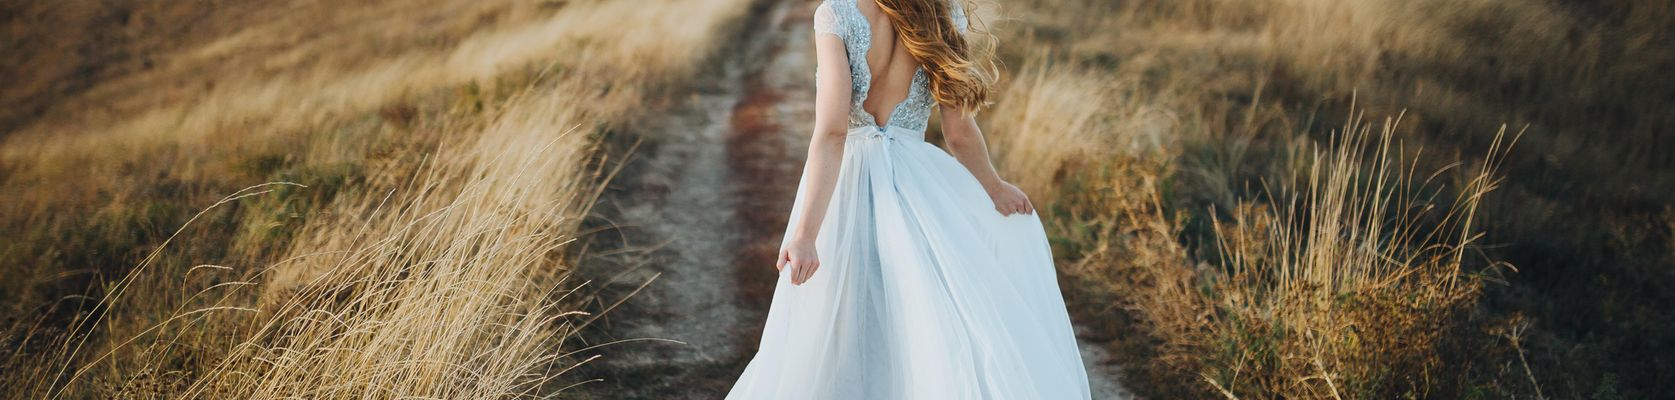 Braut, Bride, Brautkleid, Brautstyling